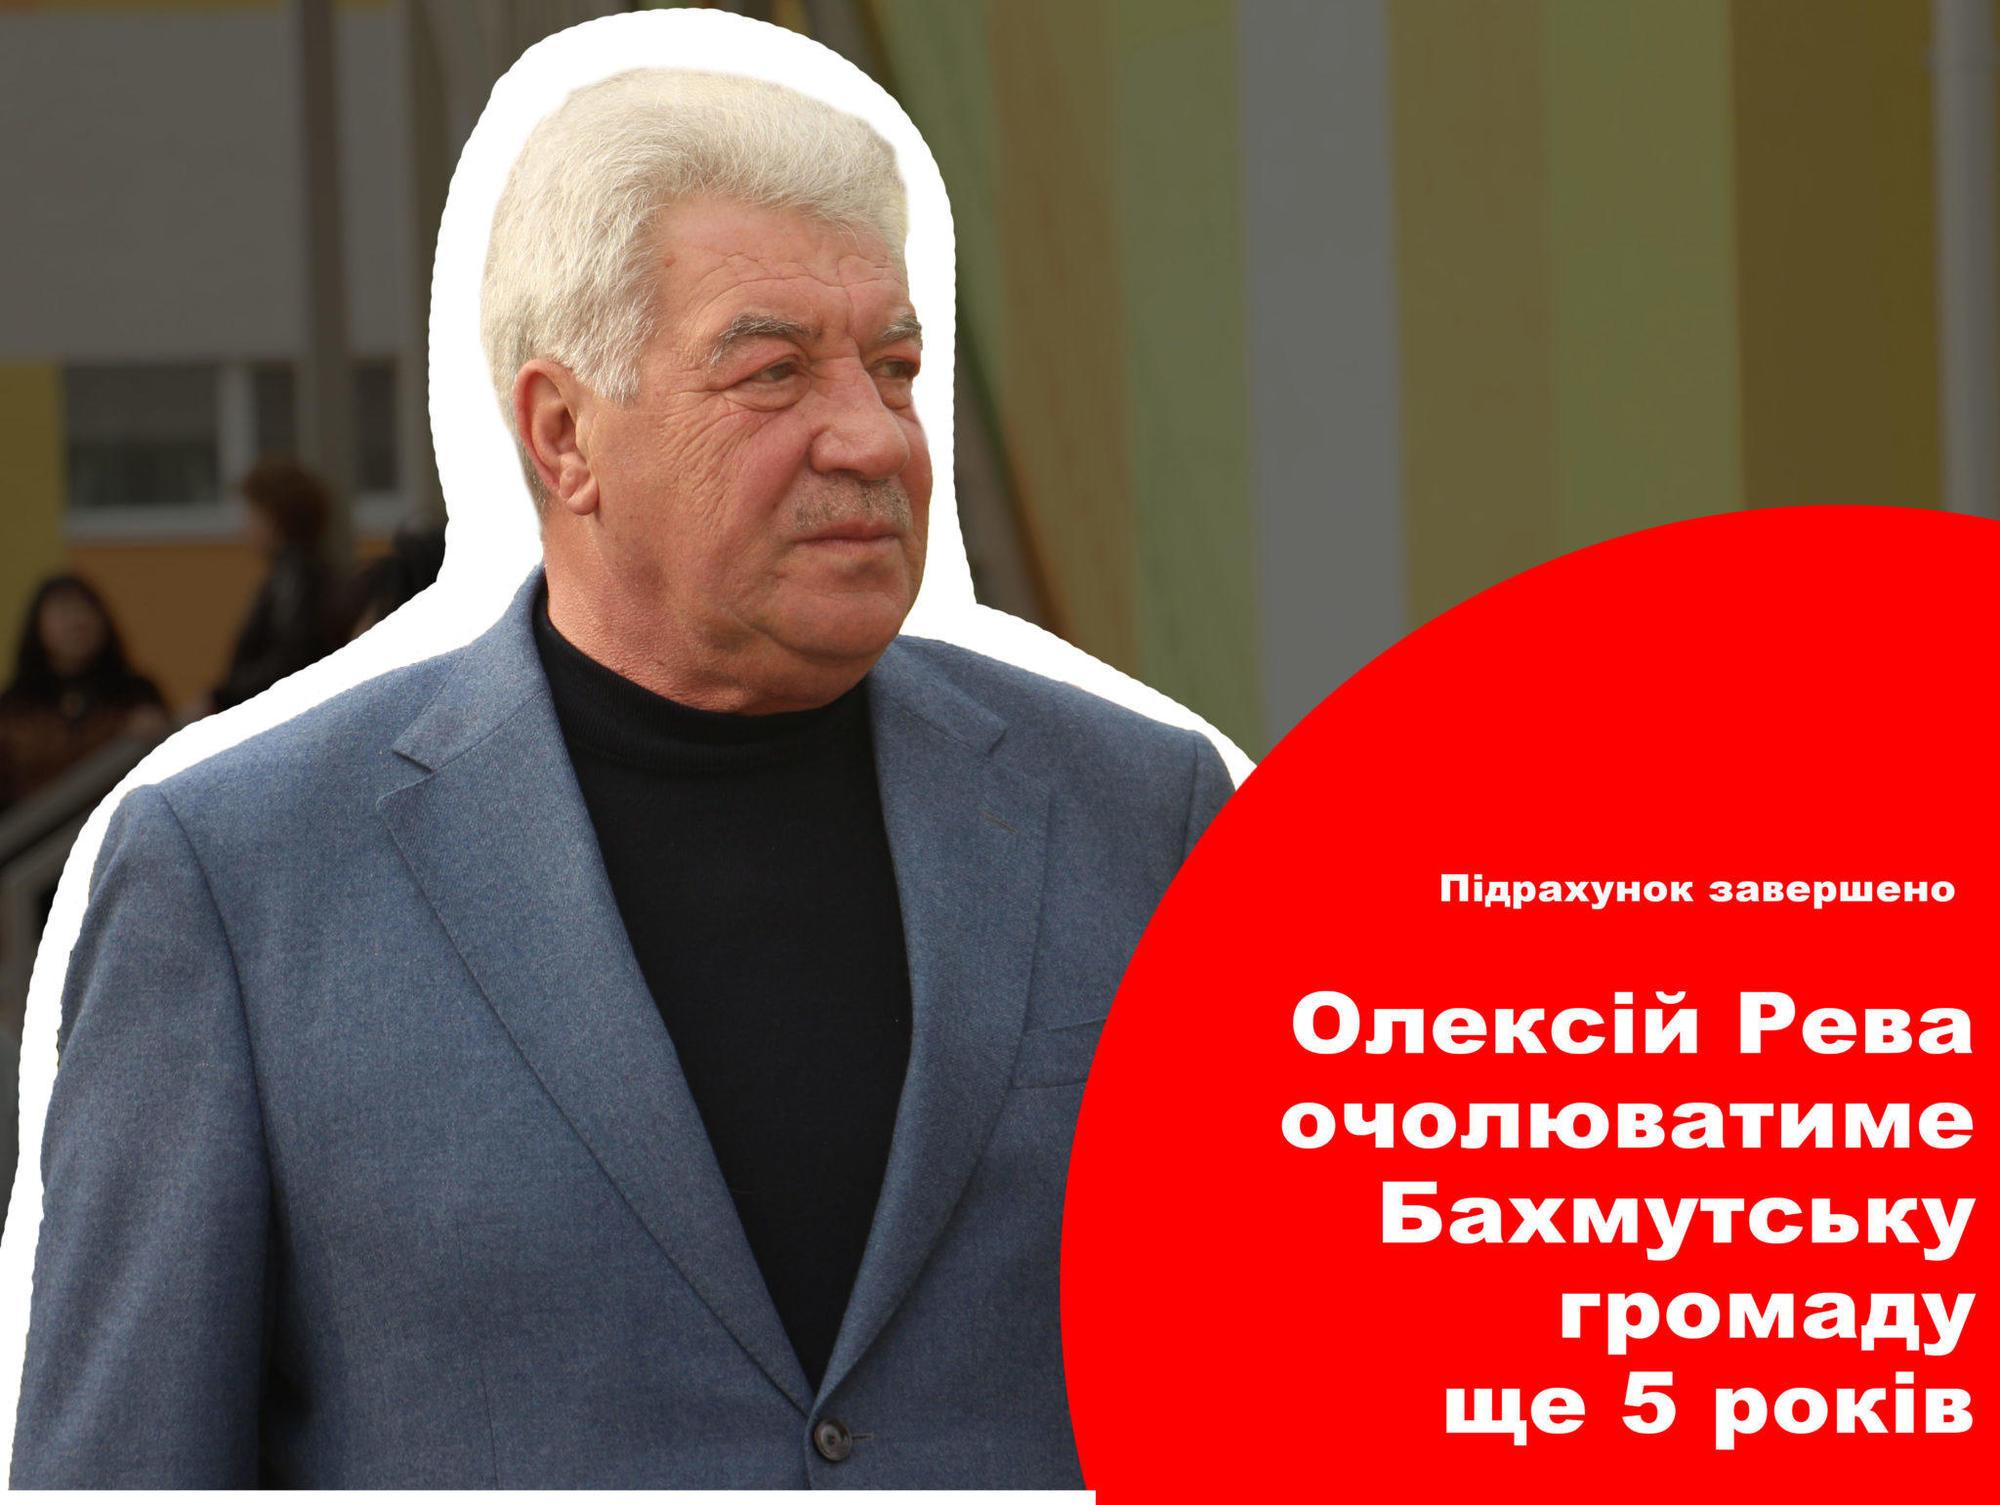 Олексій Рева став мером, Олексій Рева очолив громаду